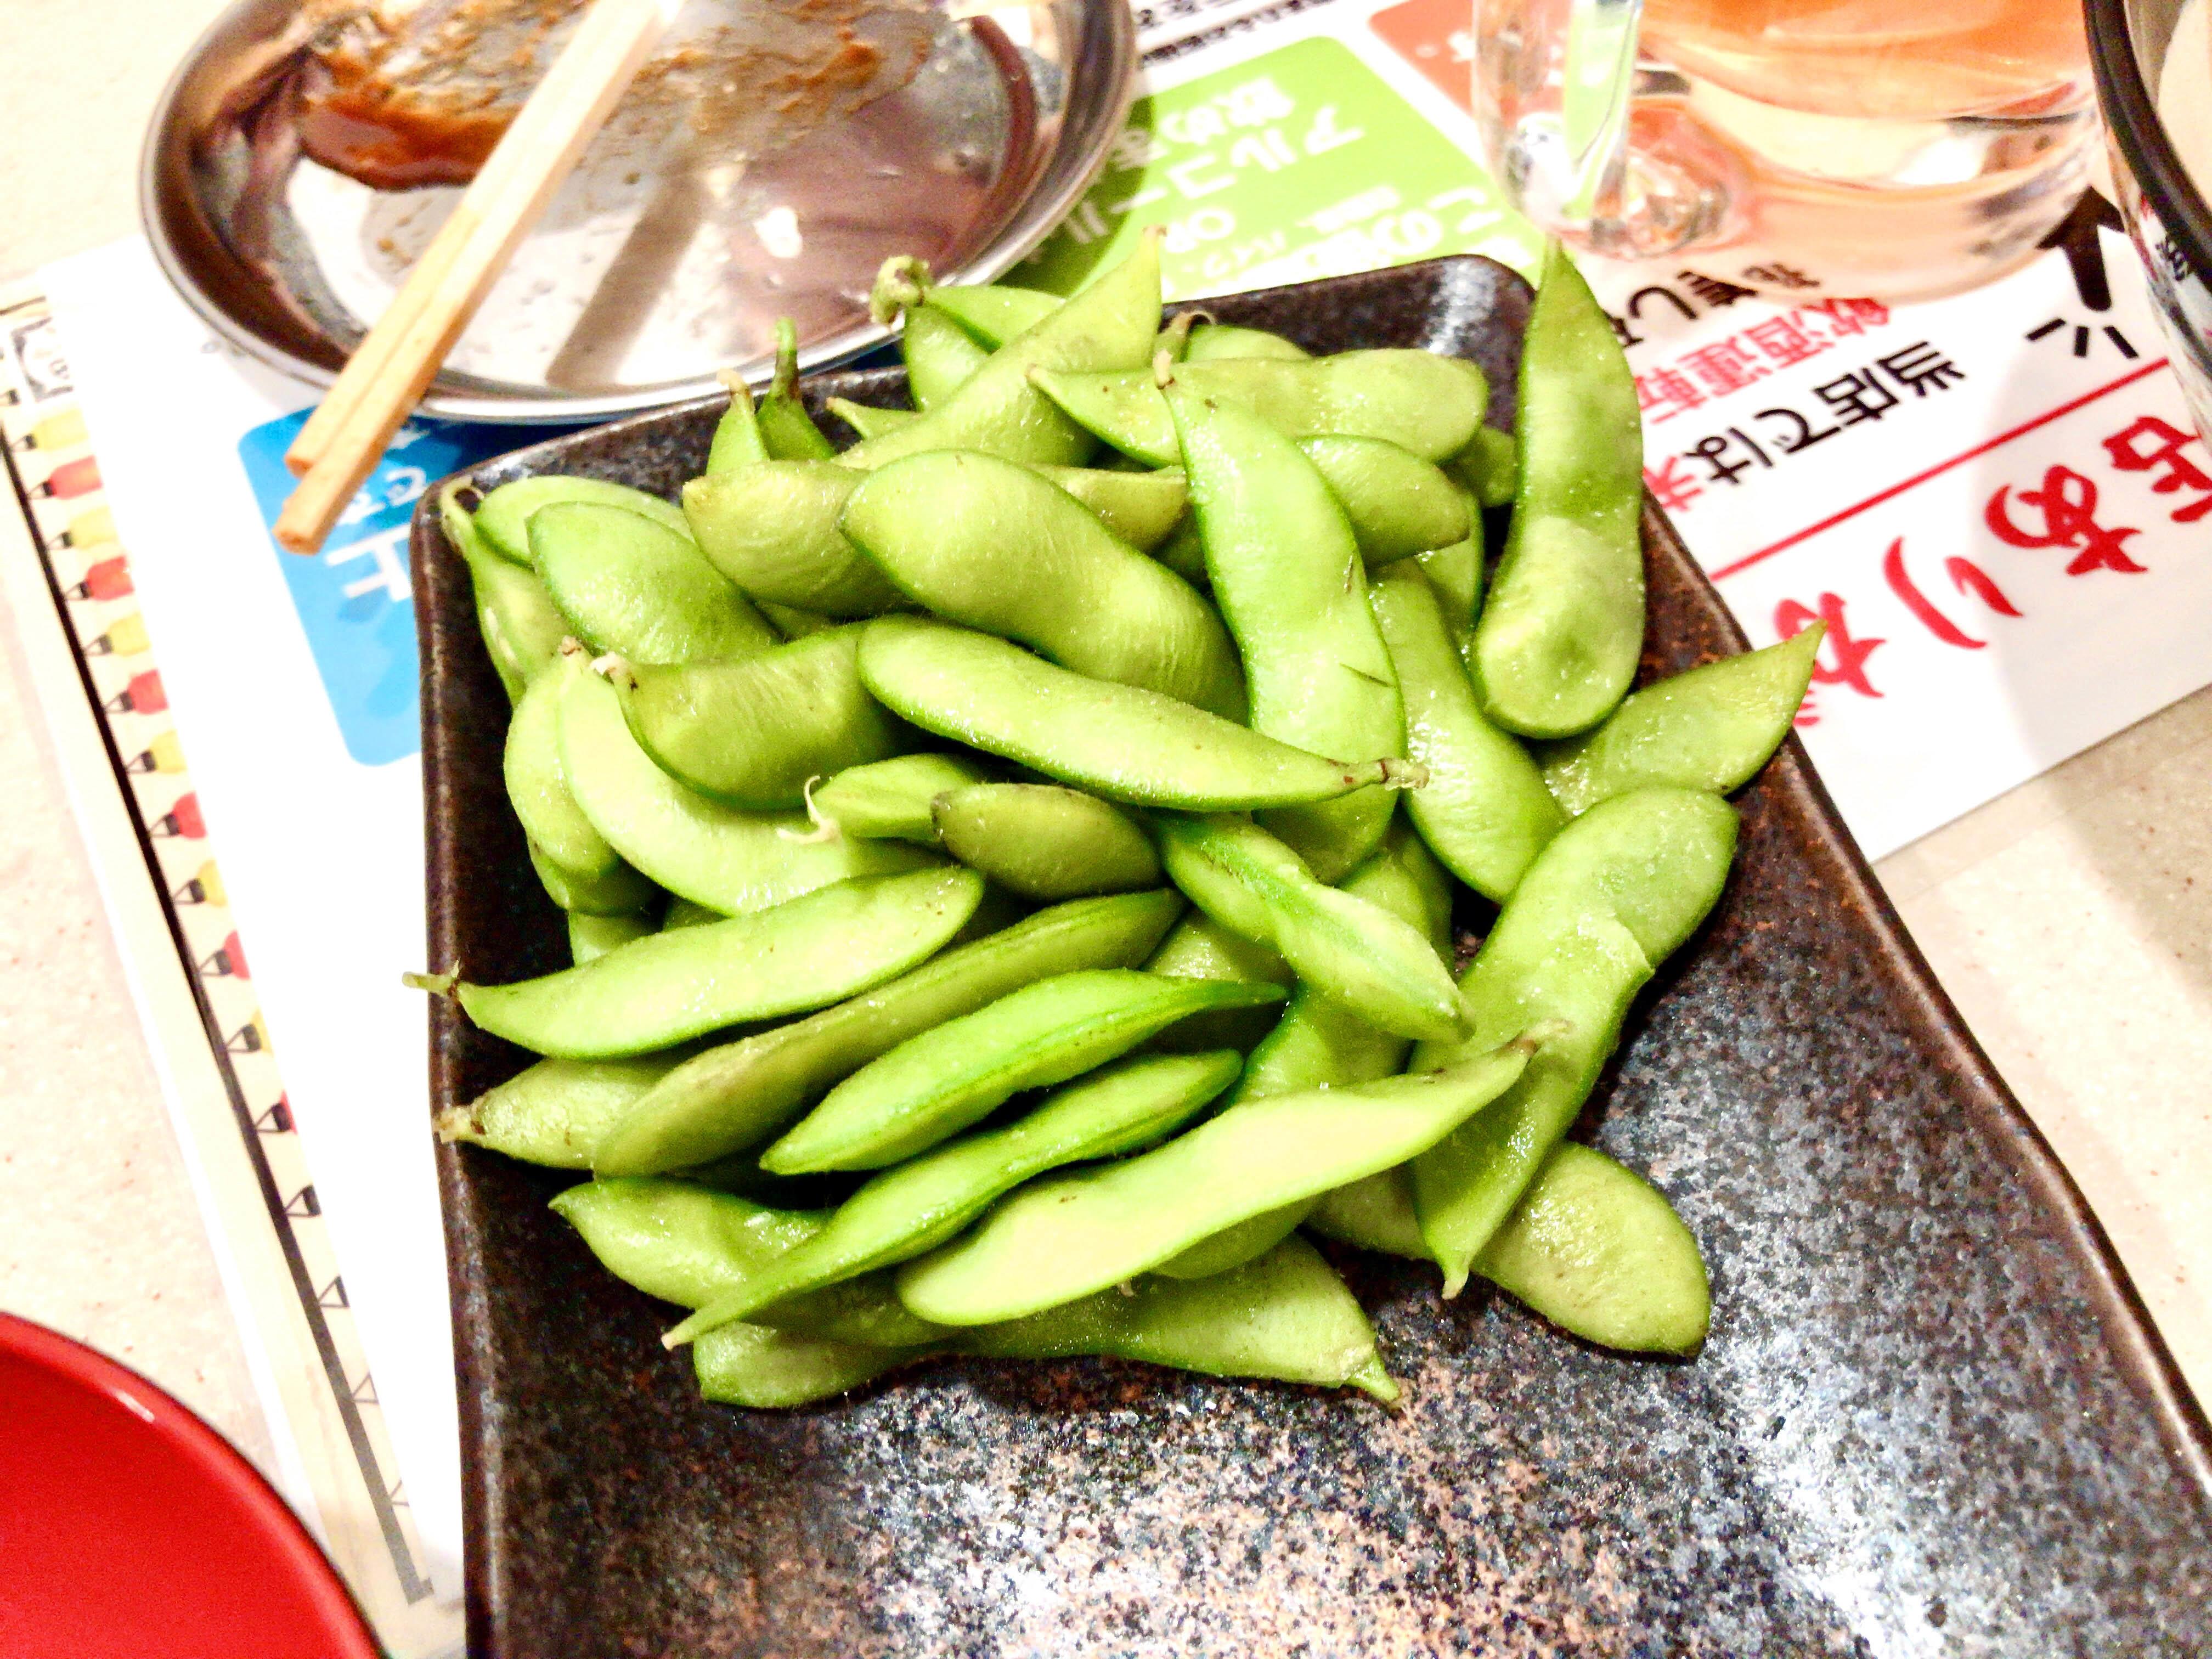 枝豆 290円